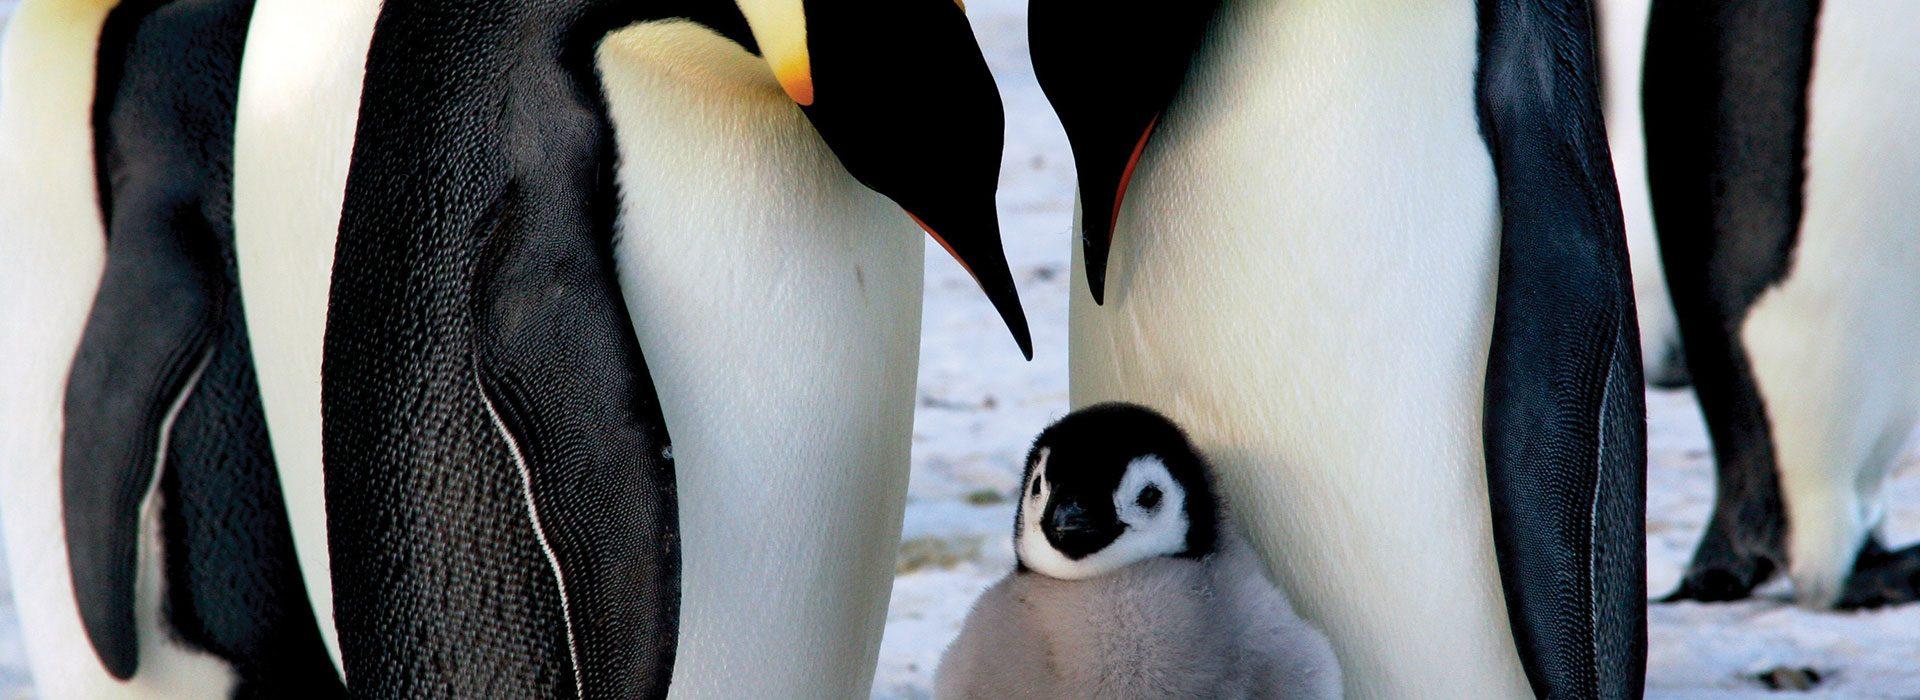 PenguinsFull